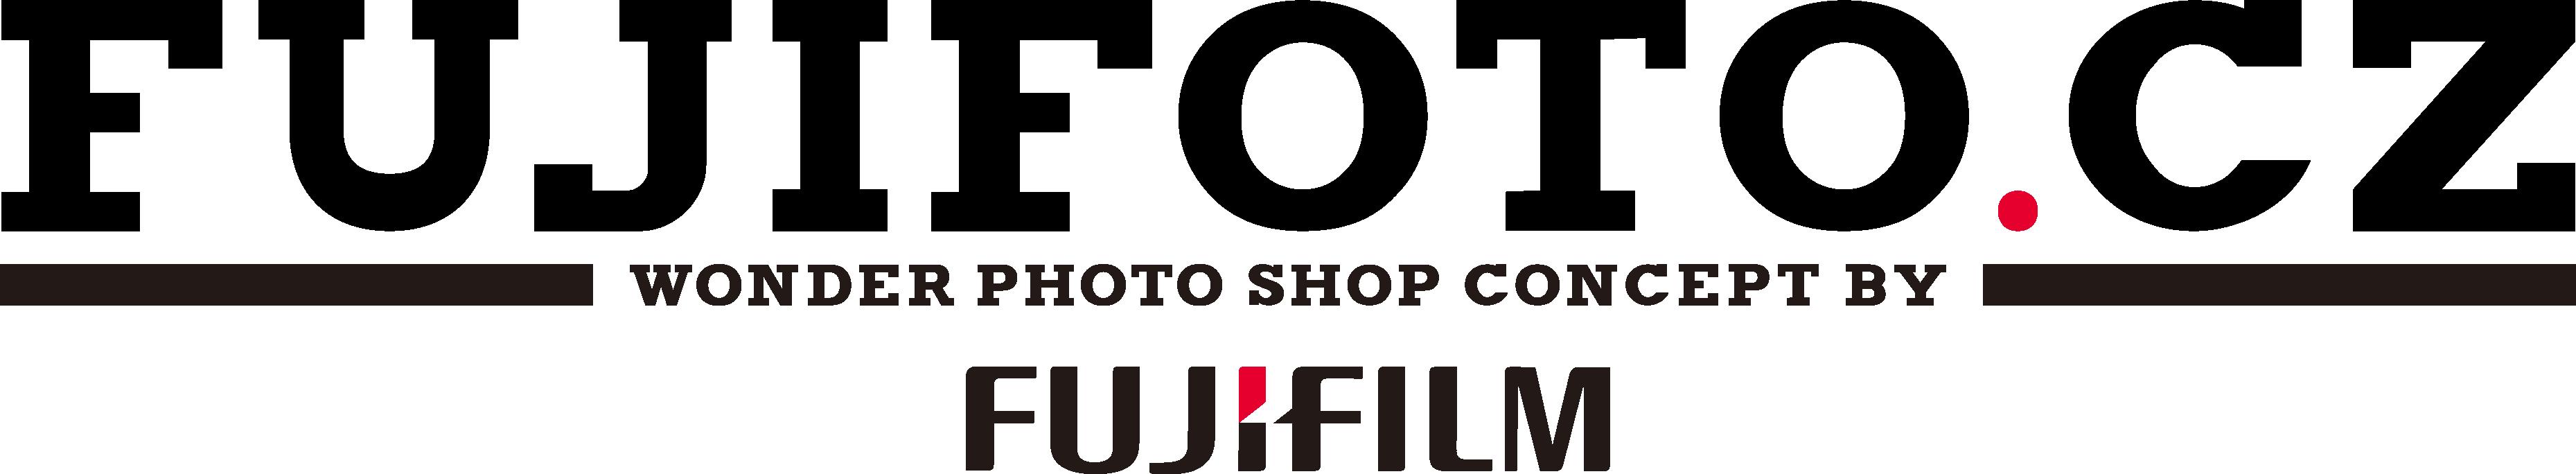 Fujifoto nový